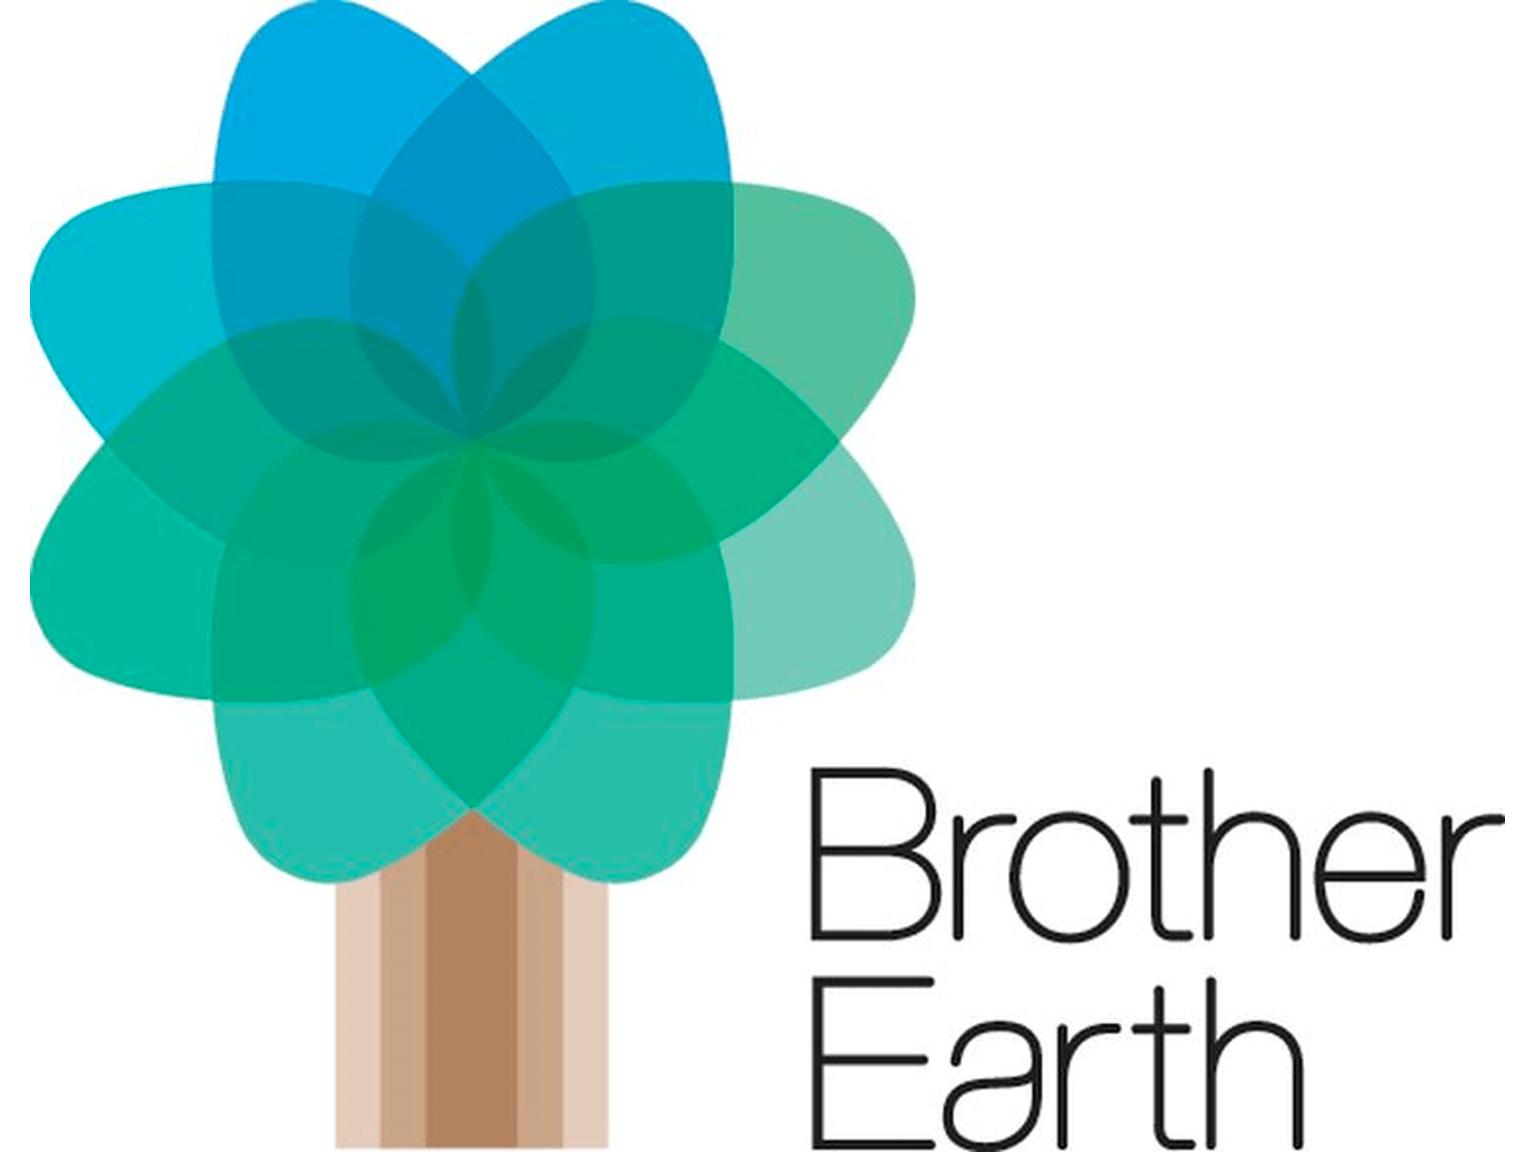 Logo dell'iniziativa per la tutela dell'ambiente  Brother Earth